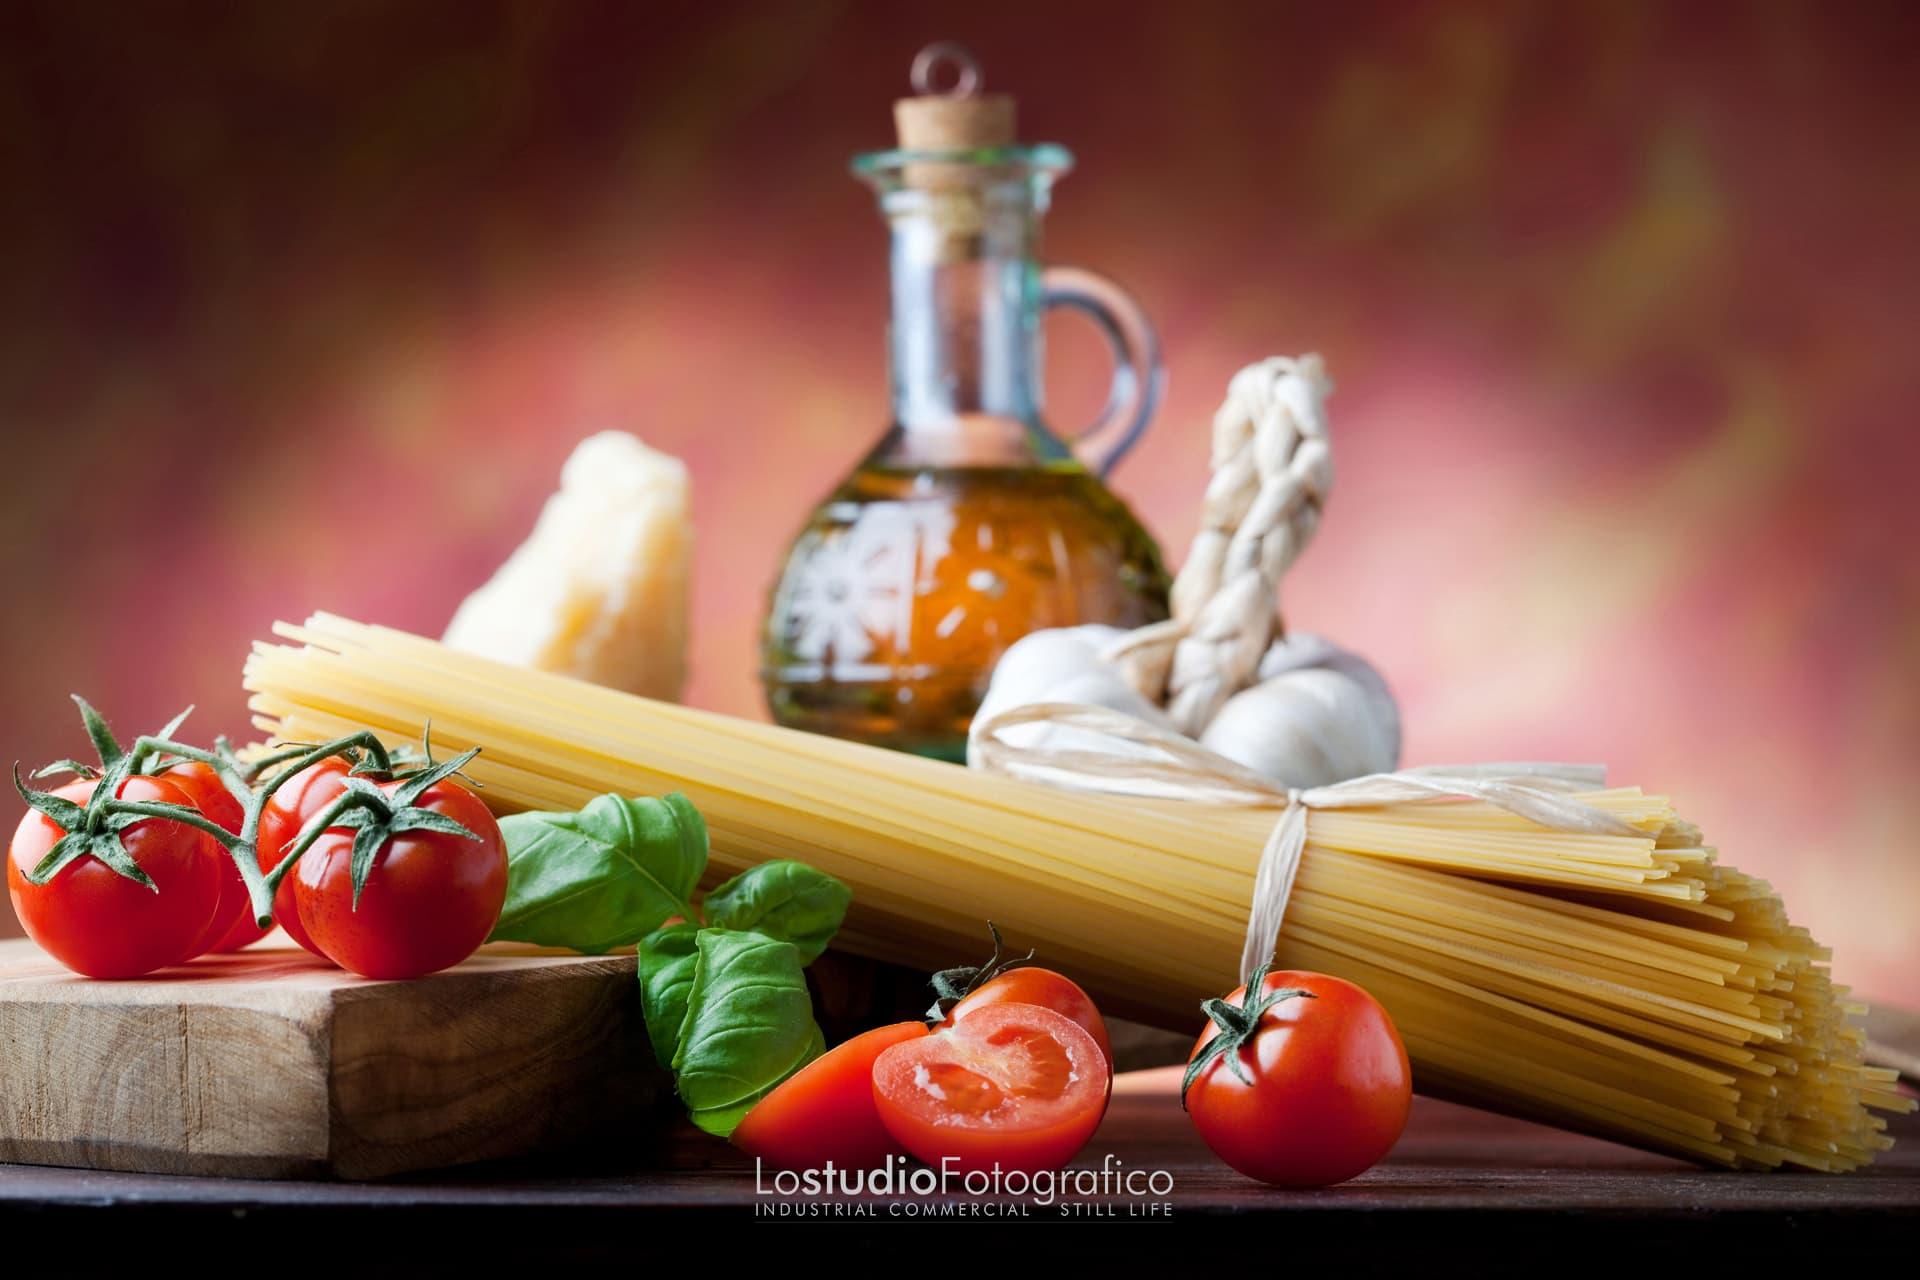 Fotografia di food, alimentari, beverage. Studio fotografico Verona, Veneto. Still life di prodotti alimentari e bevande.